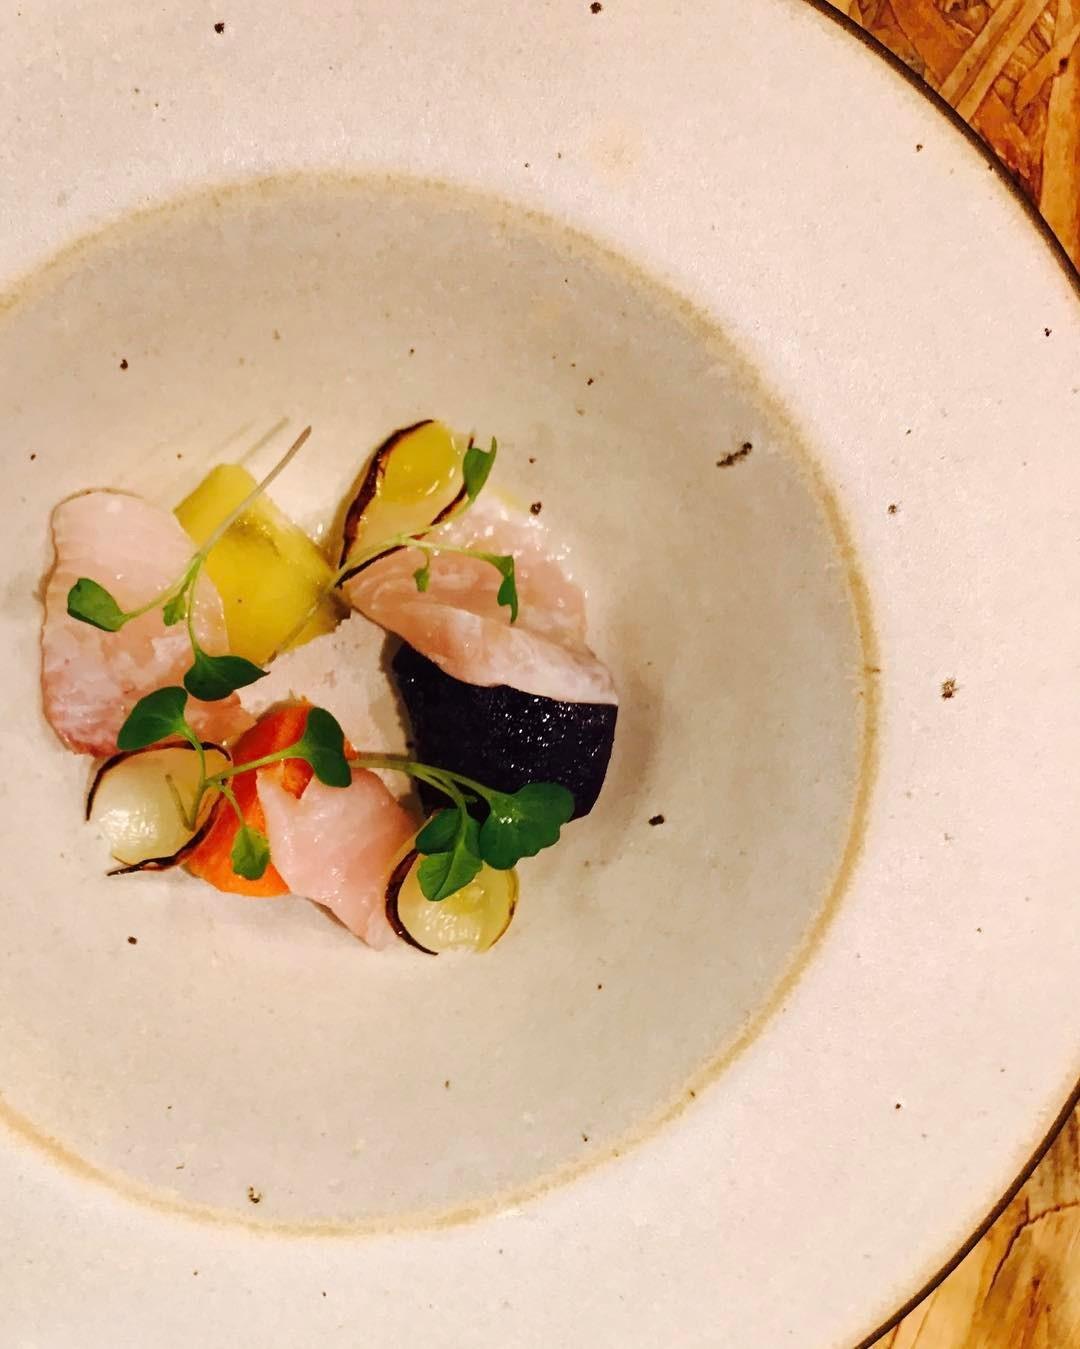 A batata doce com peixe no limão e cebola, uma das atrações do restaurante carioca Lasai (Foto: Reprodução/Instagram)